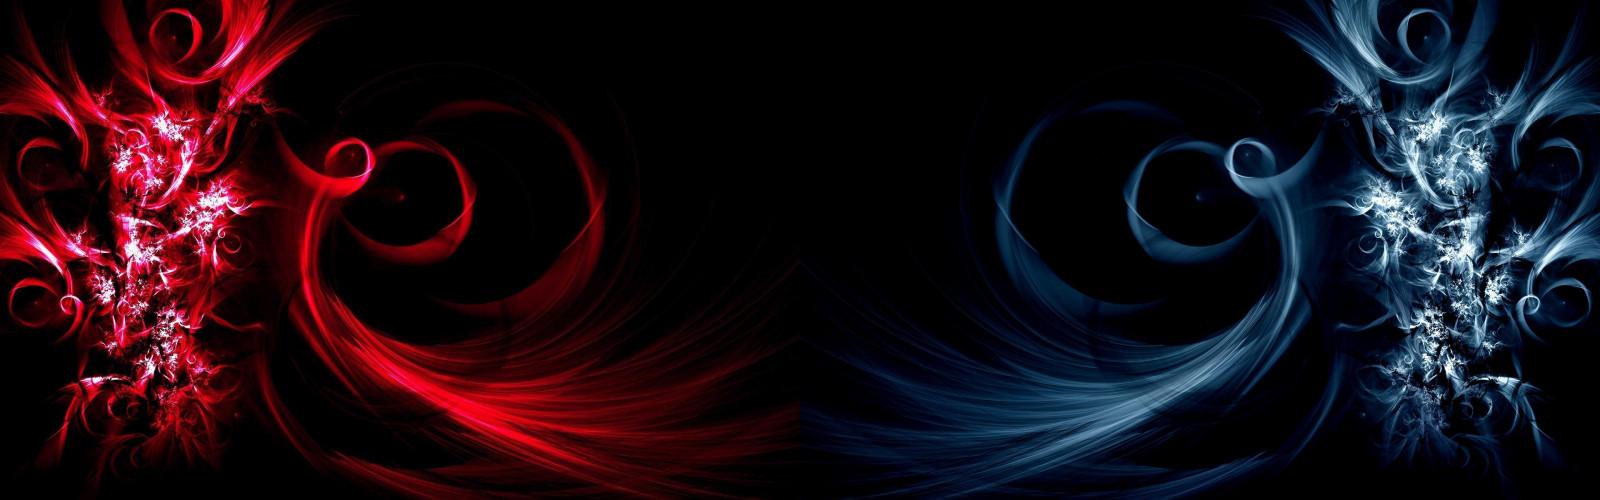 Как сделать две разные картинки на двух мониторах